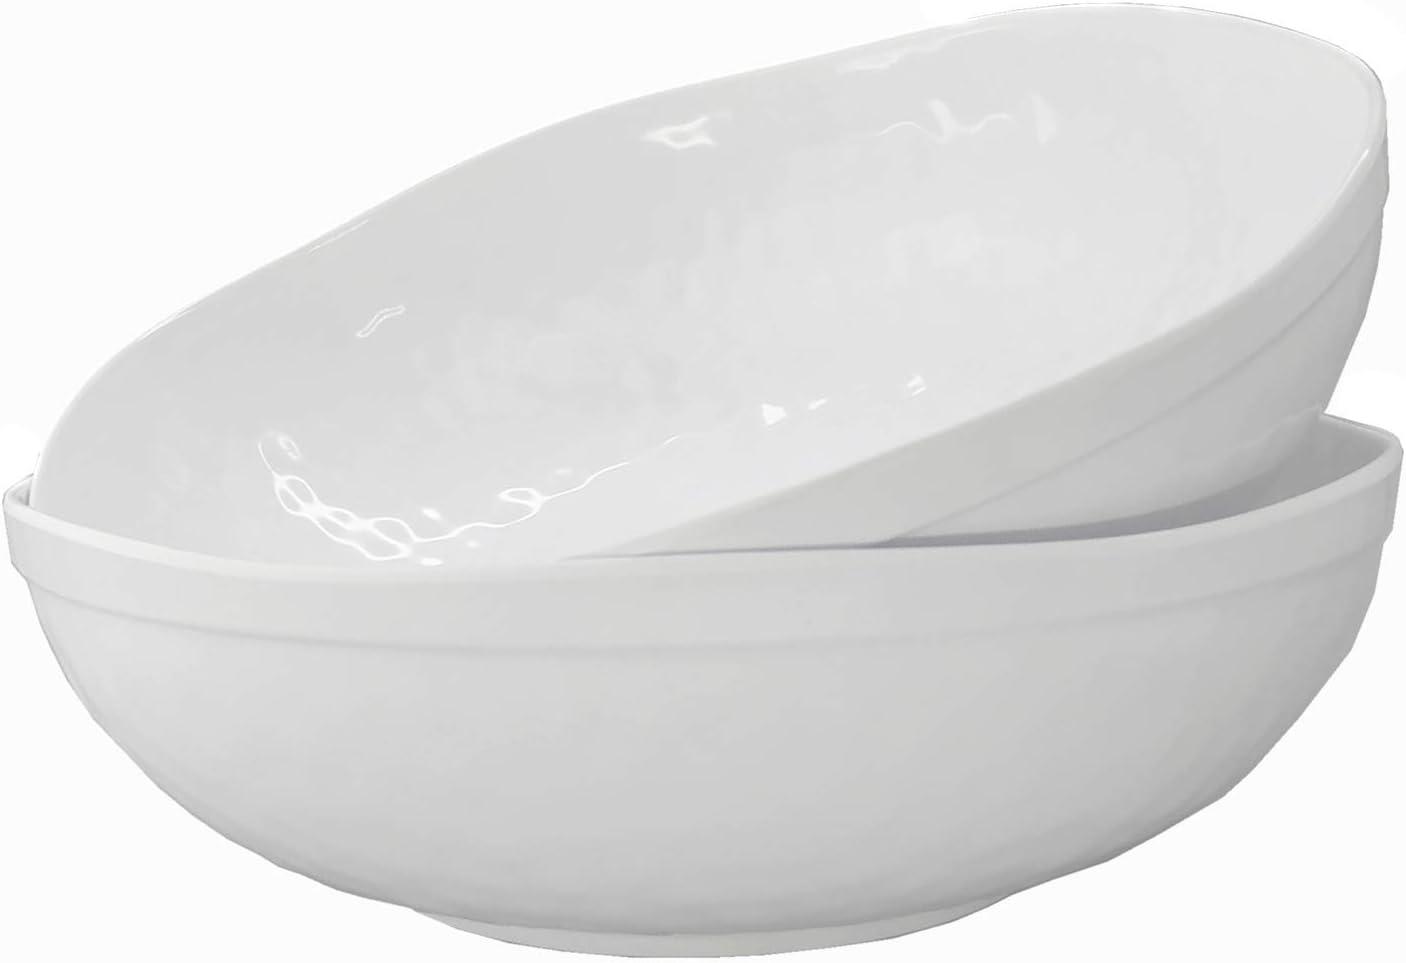 Melamine Serving Bowls -2pcs 12inch Larger Salad Bowls/Mixing Bowls,White Color| Break-resistant 100% Melamine Bowls | Dishwasher Safe,BPA Free